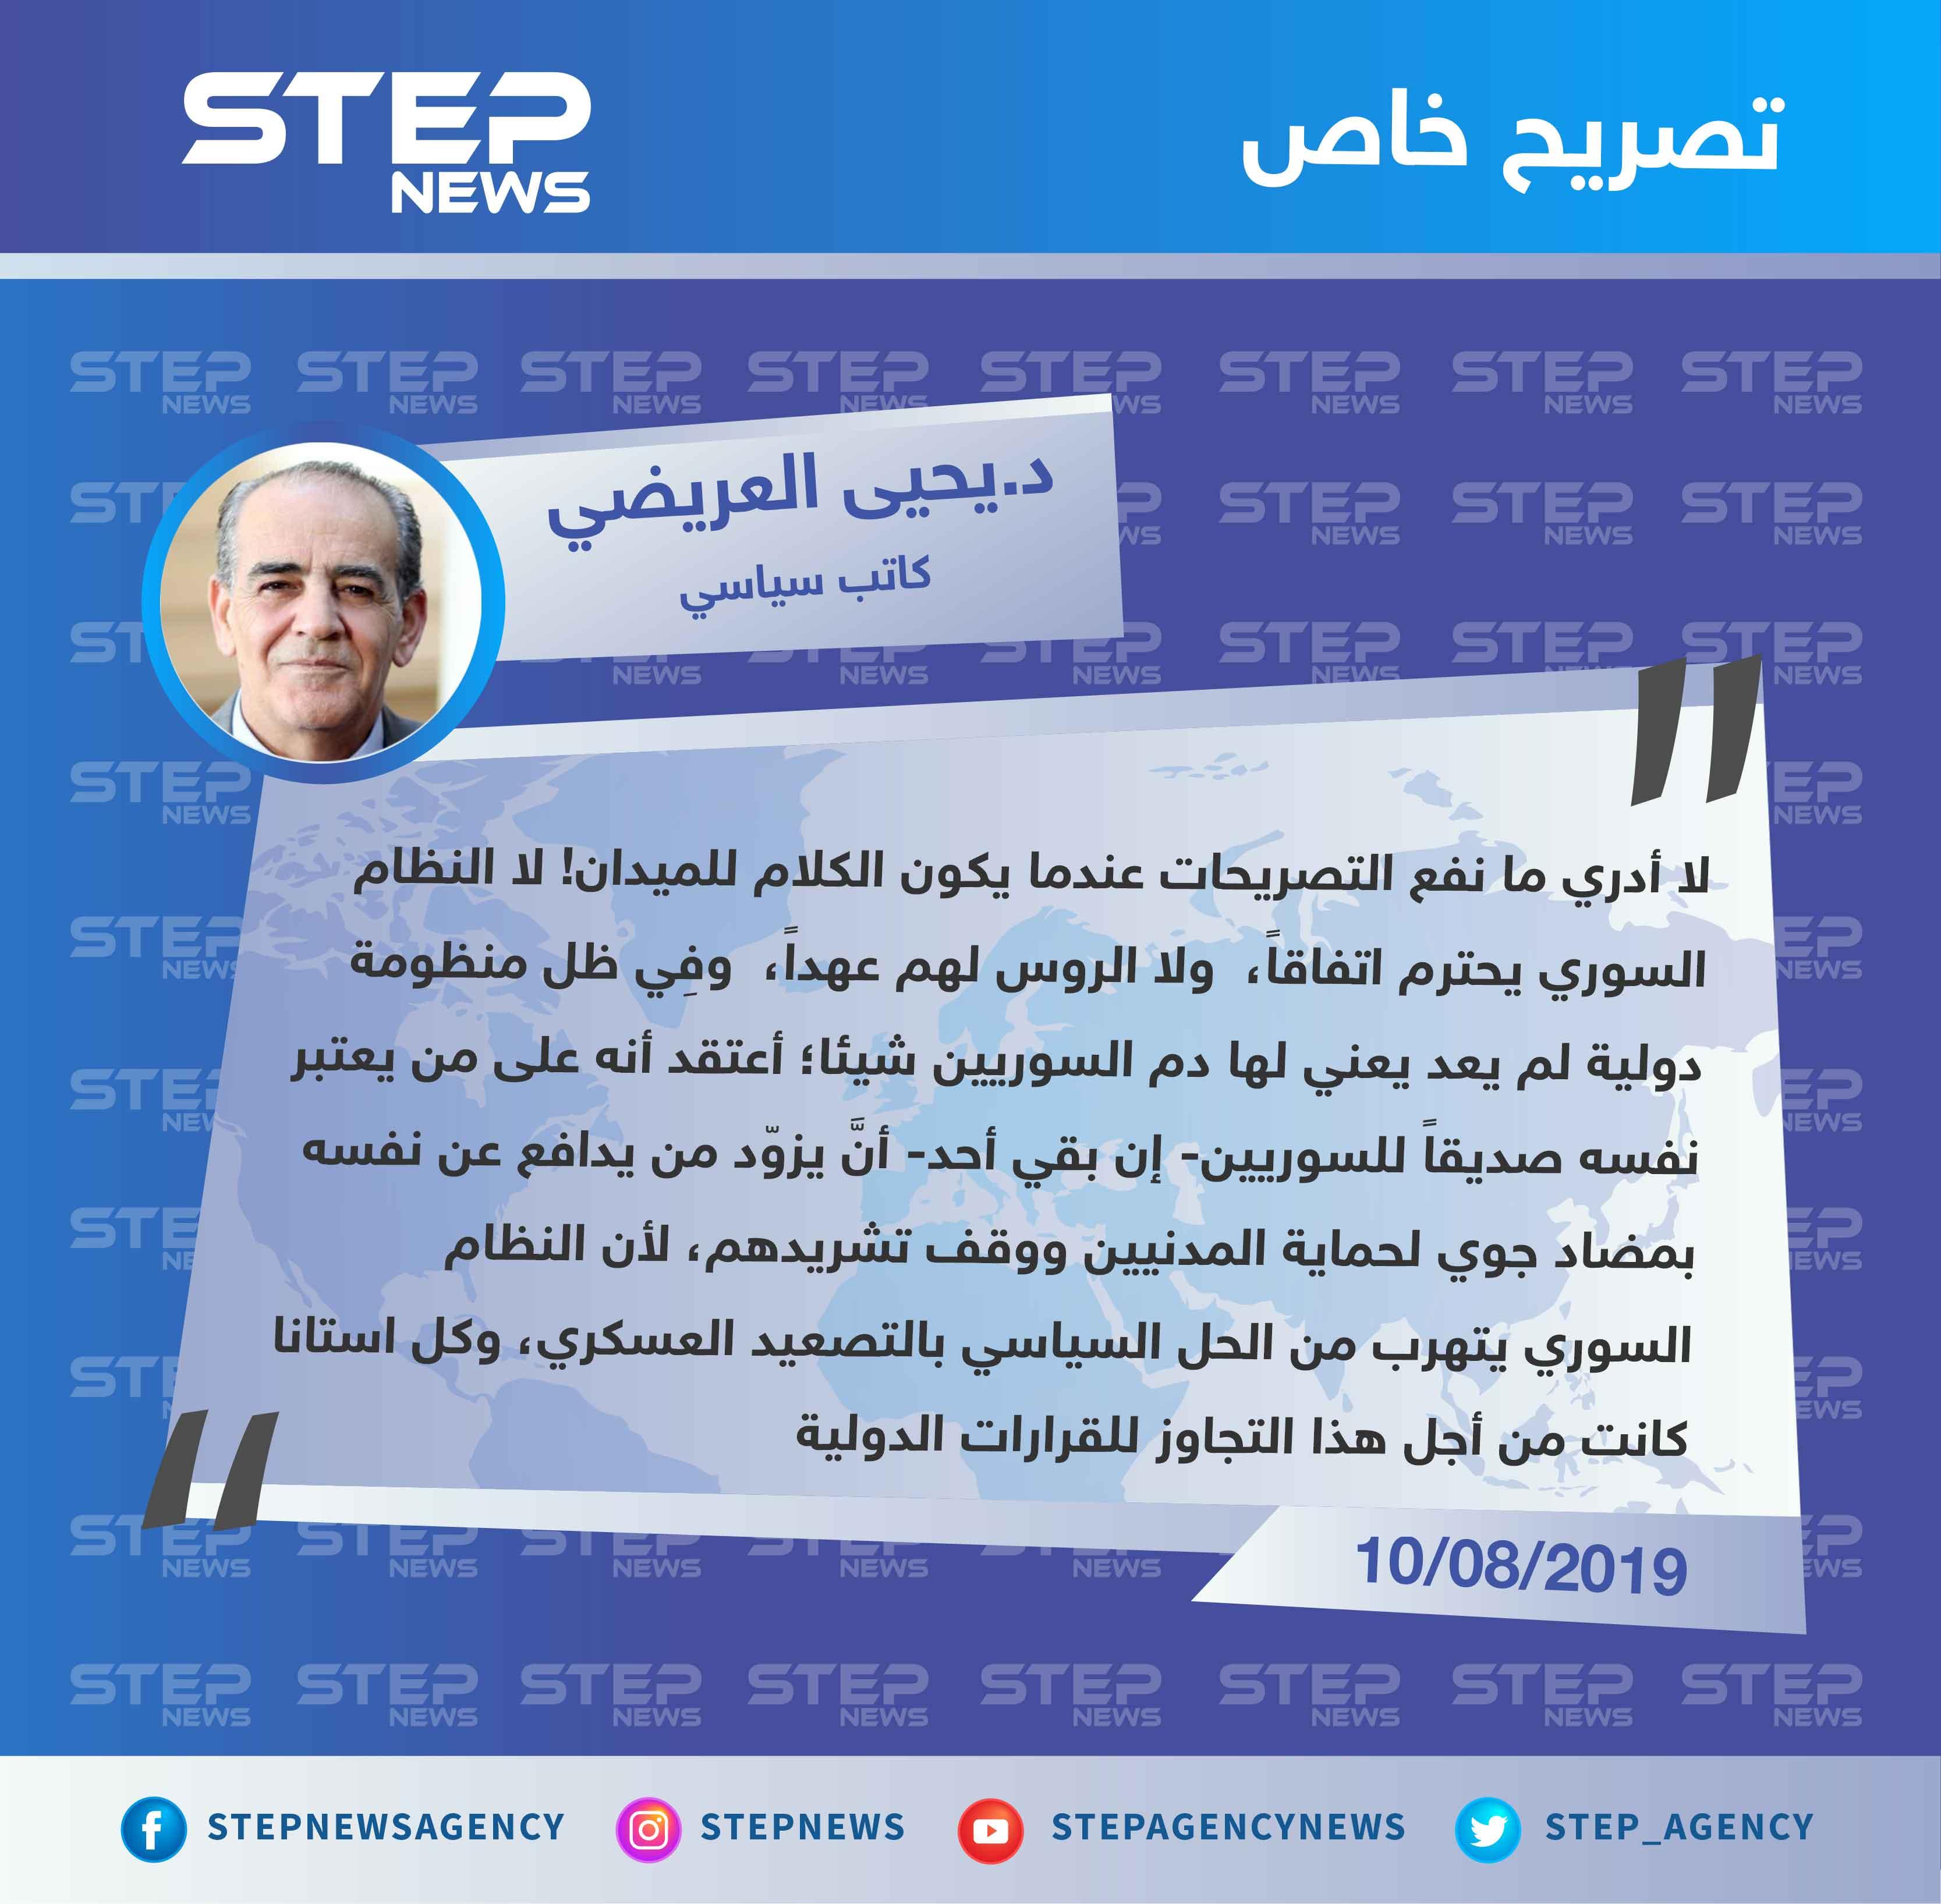 كاتب سياسي: النظام السوري يتهرب من الحل السياسي بالتصعيد العسكري، واستانا كانت لتجاوز القرارات الدولية